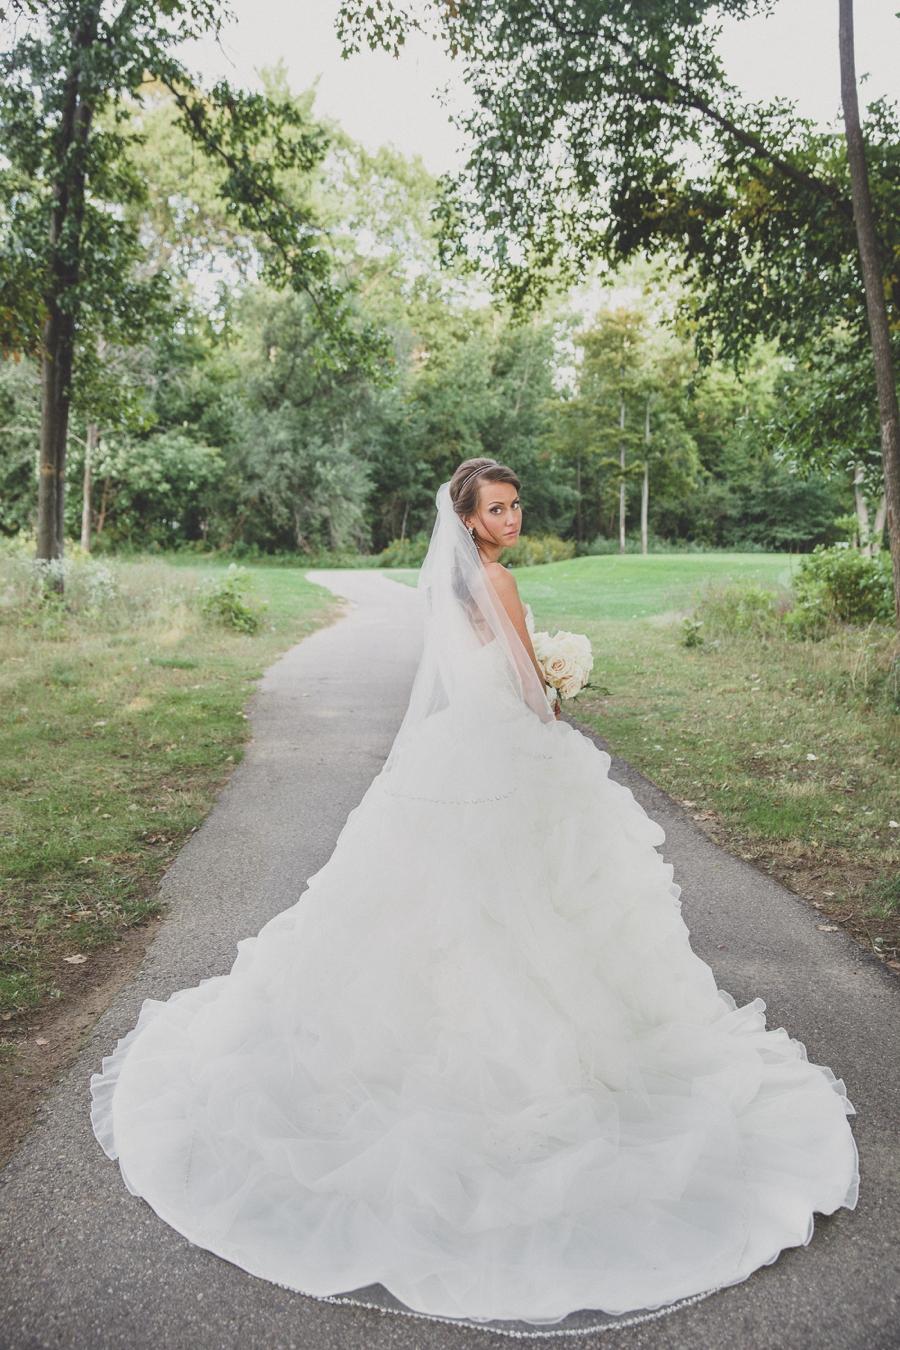 Tiffany+Anthony_Wedding_Cherry_Creek_Golf_Club_0181.jpg